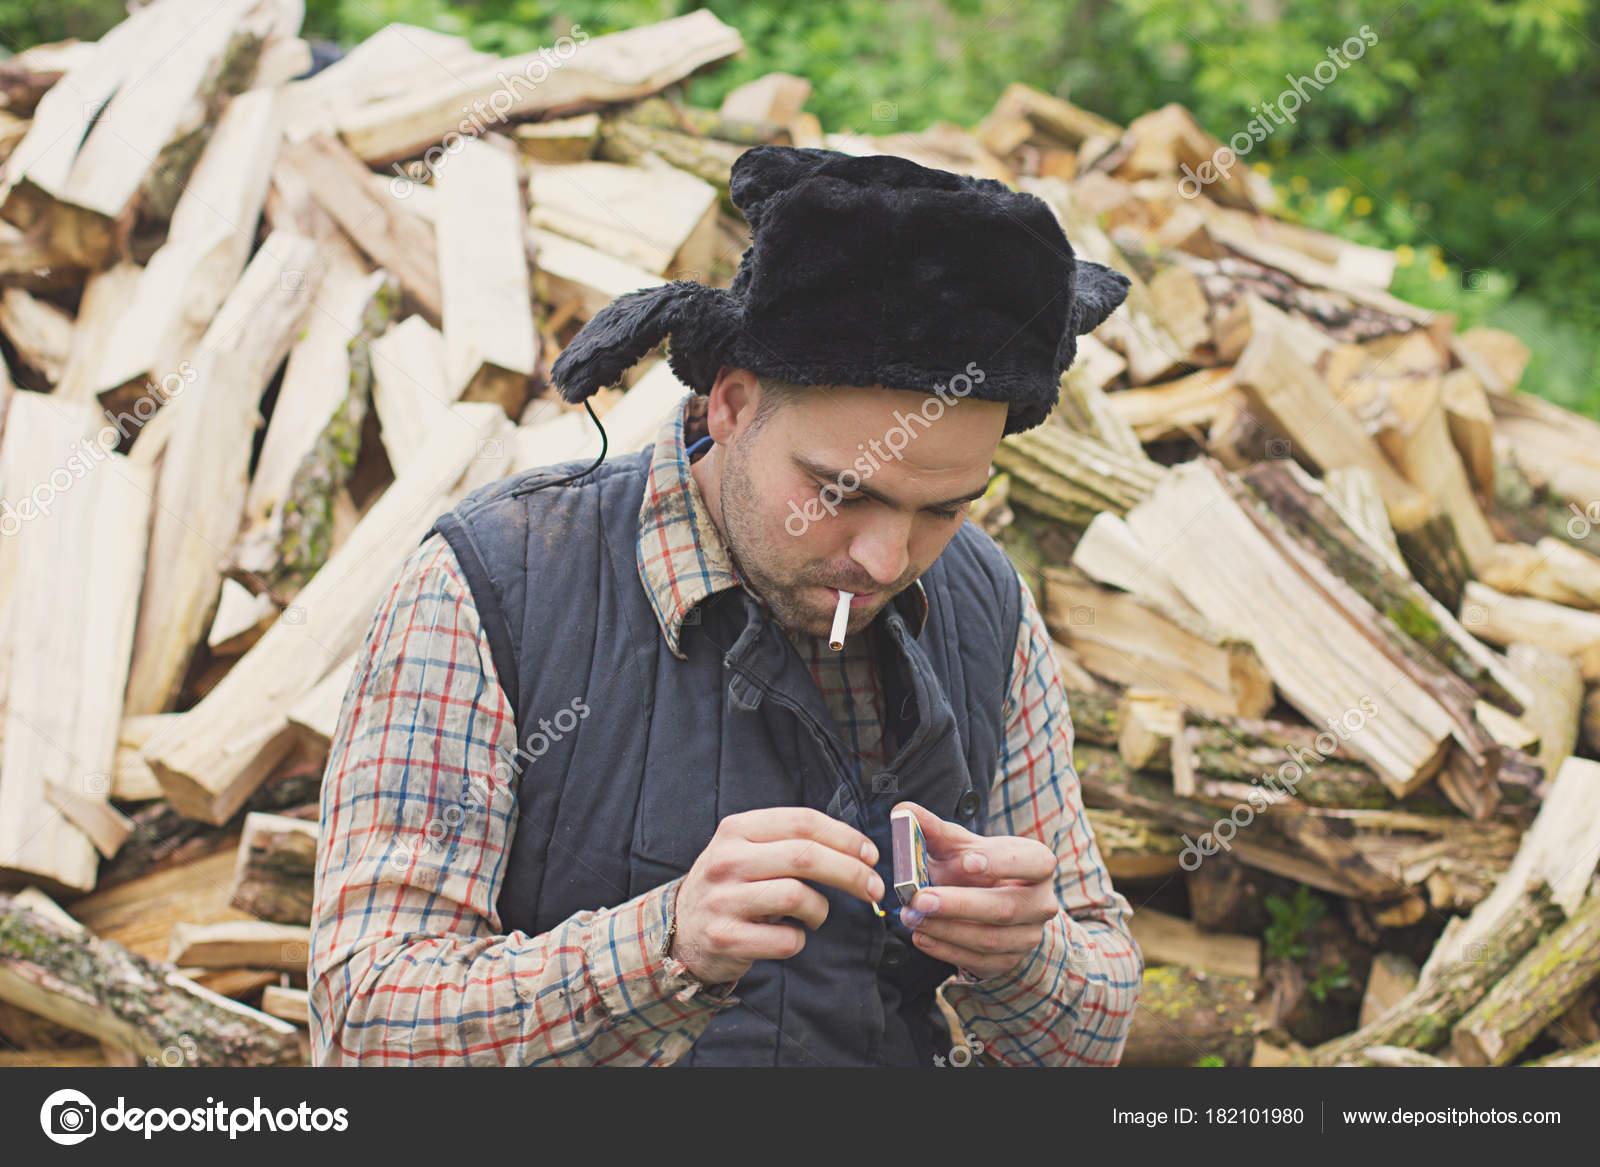 Leñador Sombrero Con Hacha Contra Fondo Leña — Fotos de Stock ... a7e9a750e59